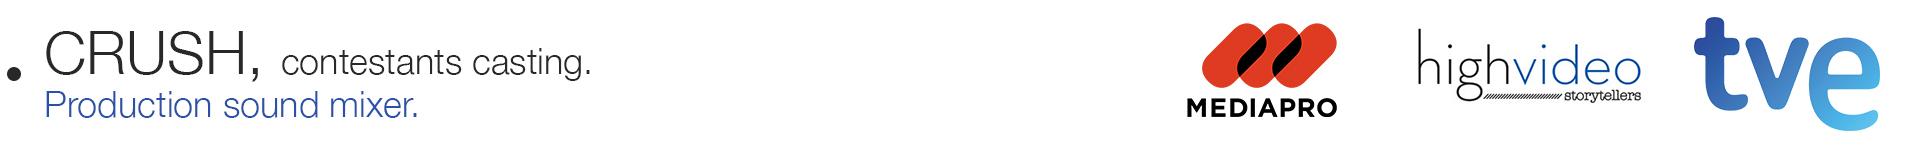 Crush, programa televisión española. Técnico de sonido directo en casting concursantes Gianni Quarta. Productora audiovisual Mediapro, TVE, television española, La2, highvideo Barcelona